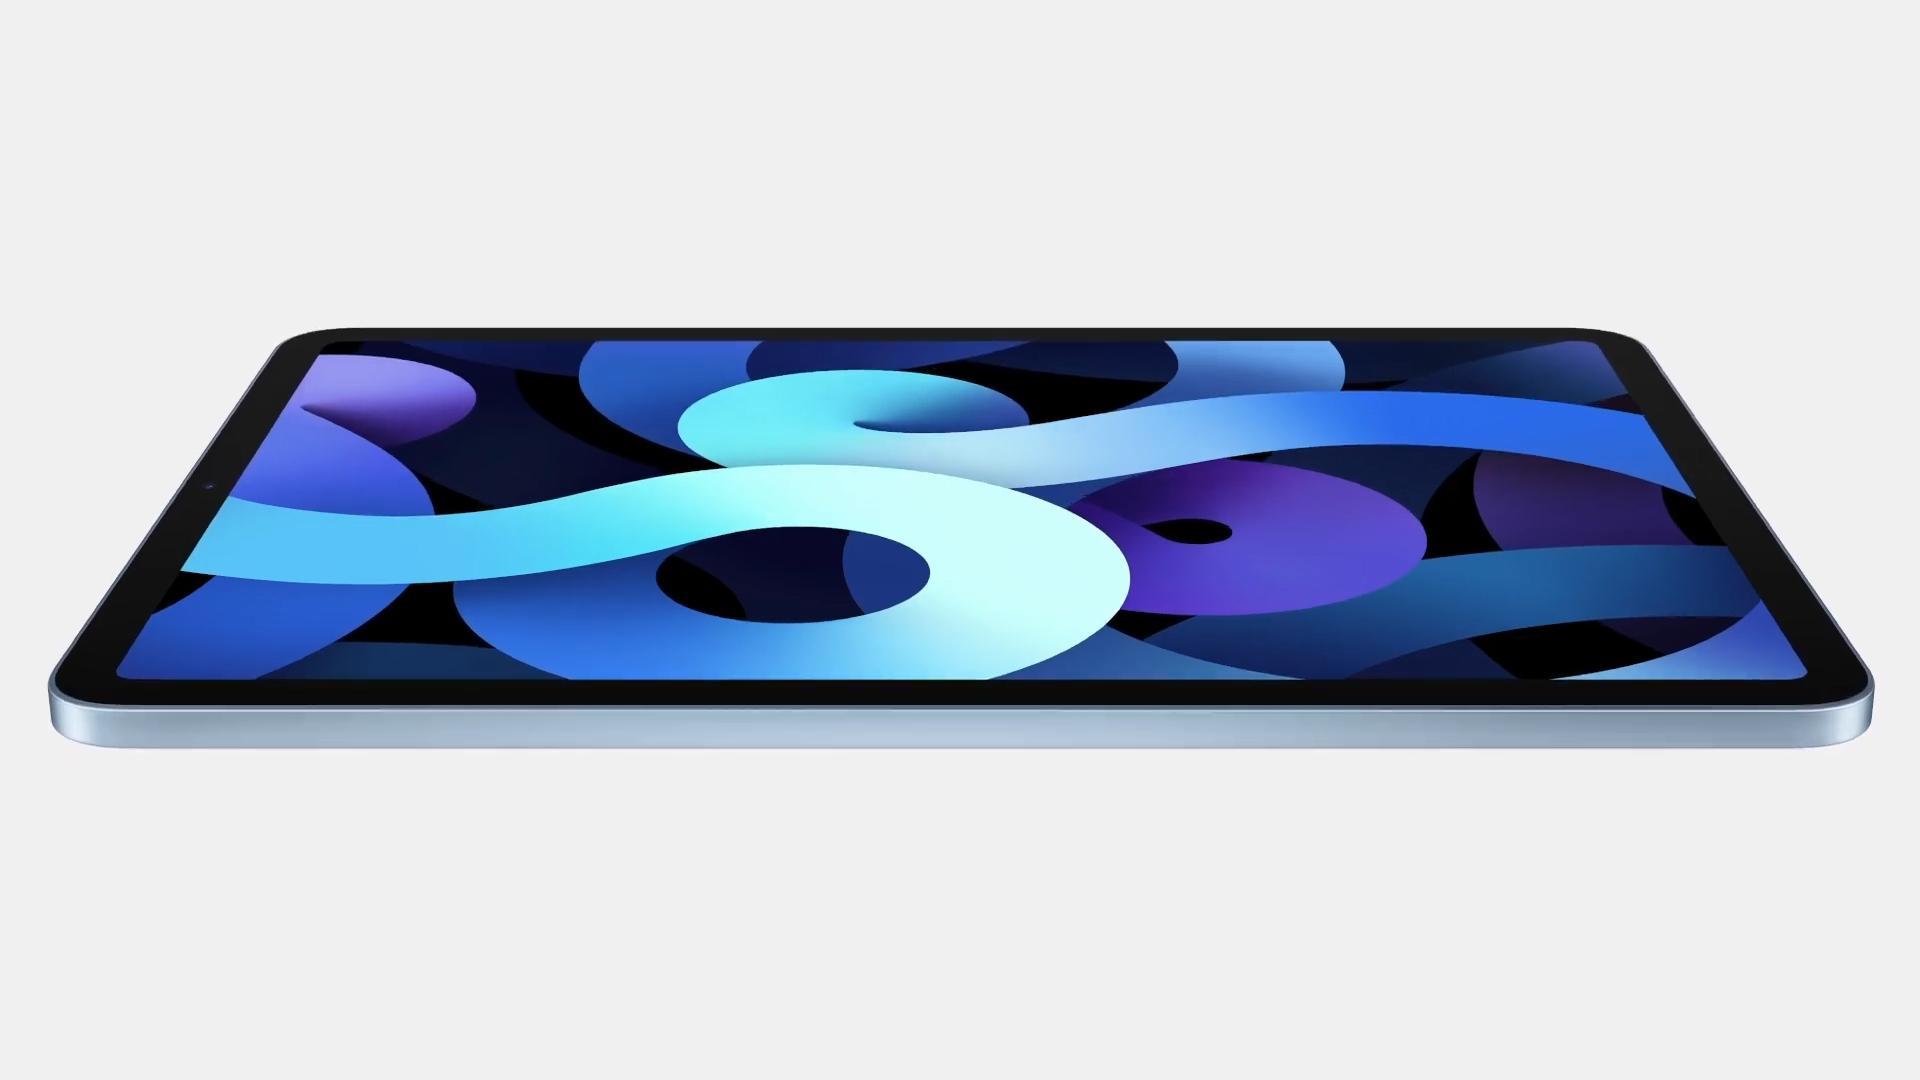 Компания Apple Представила Новые iPad и iPad Air: Цена в России, Дата Выхода, Характеристики